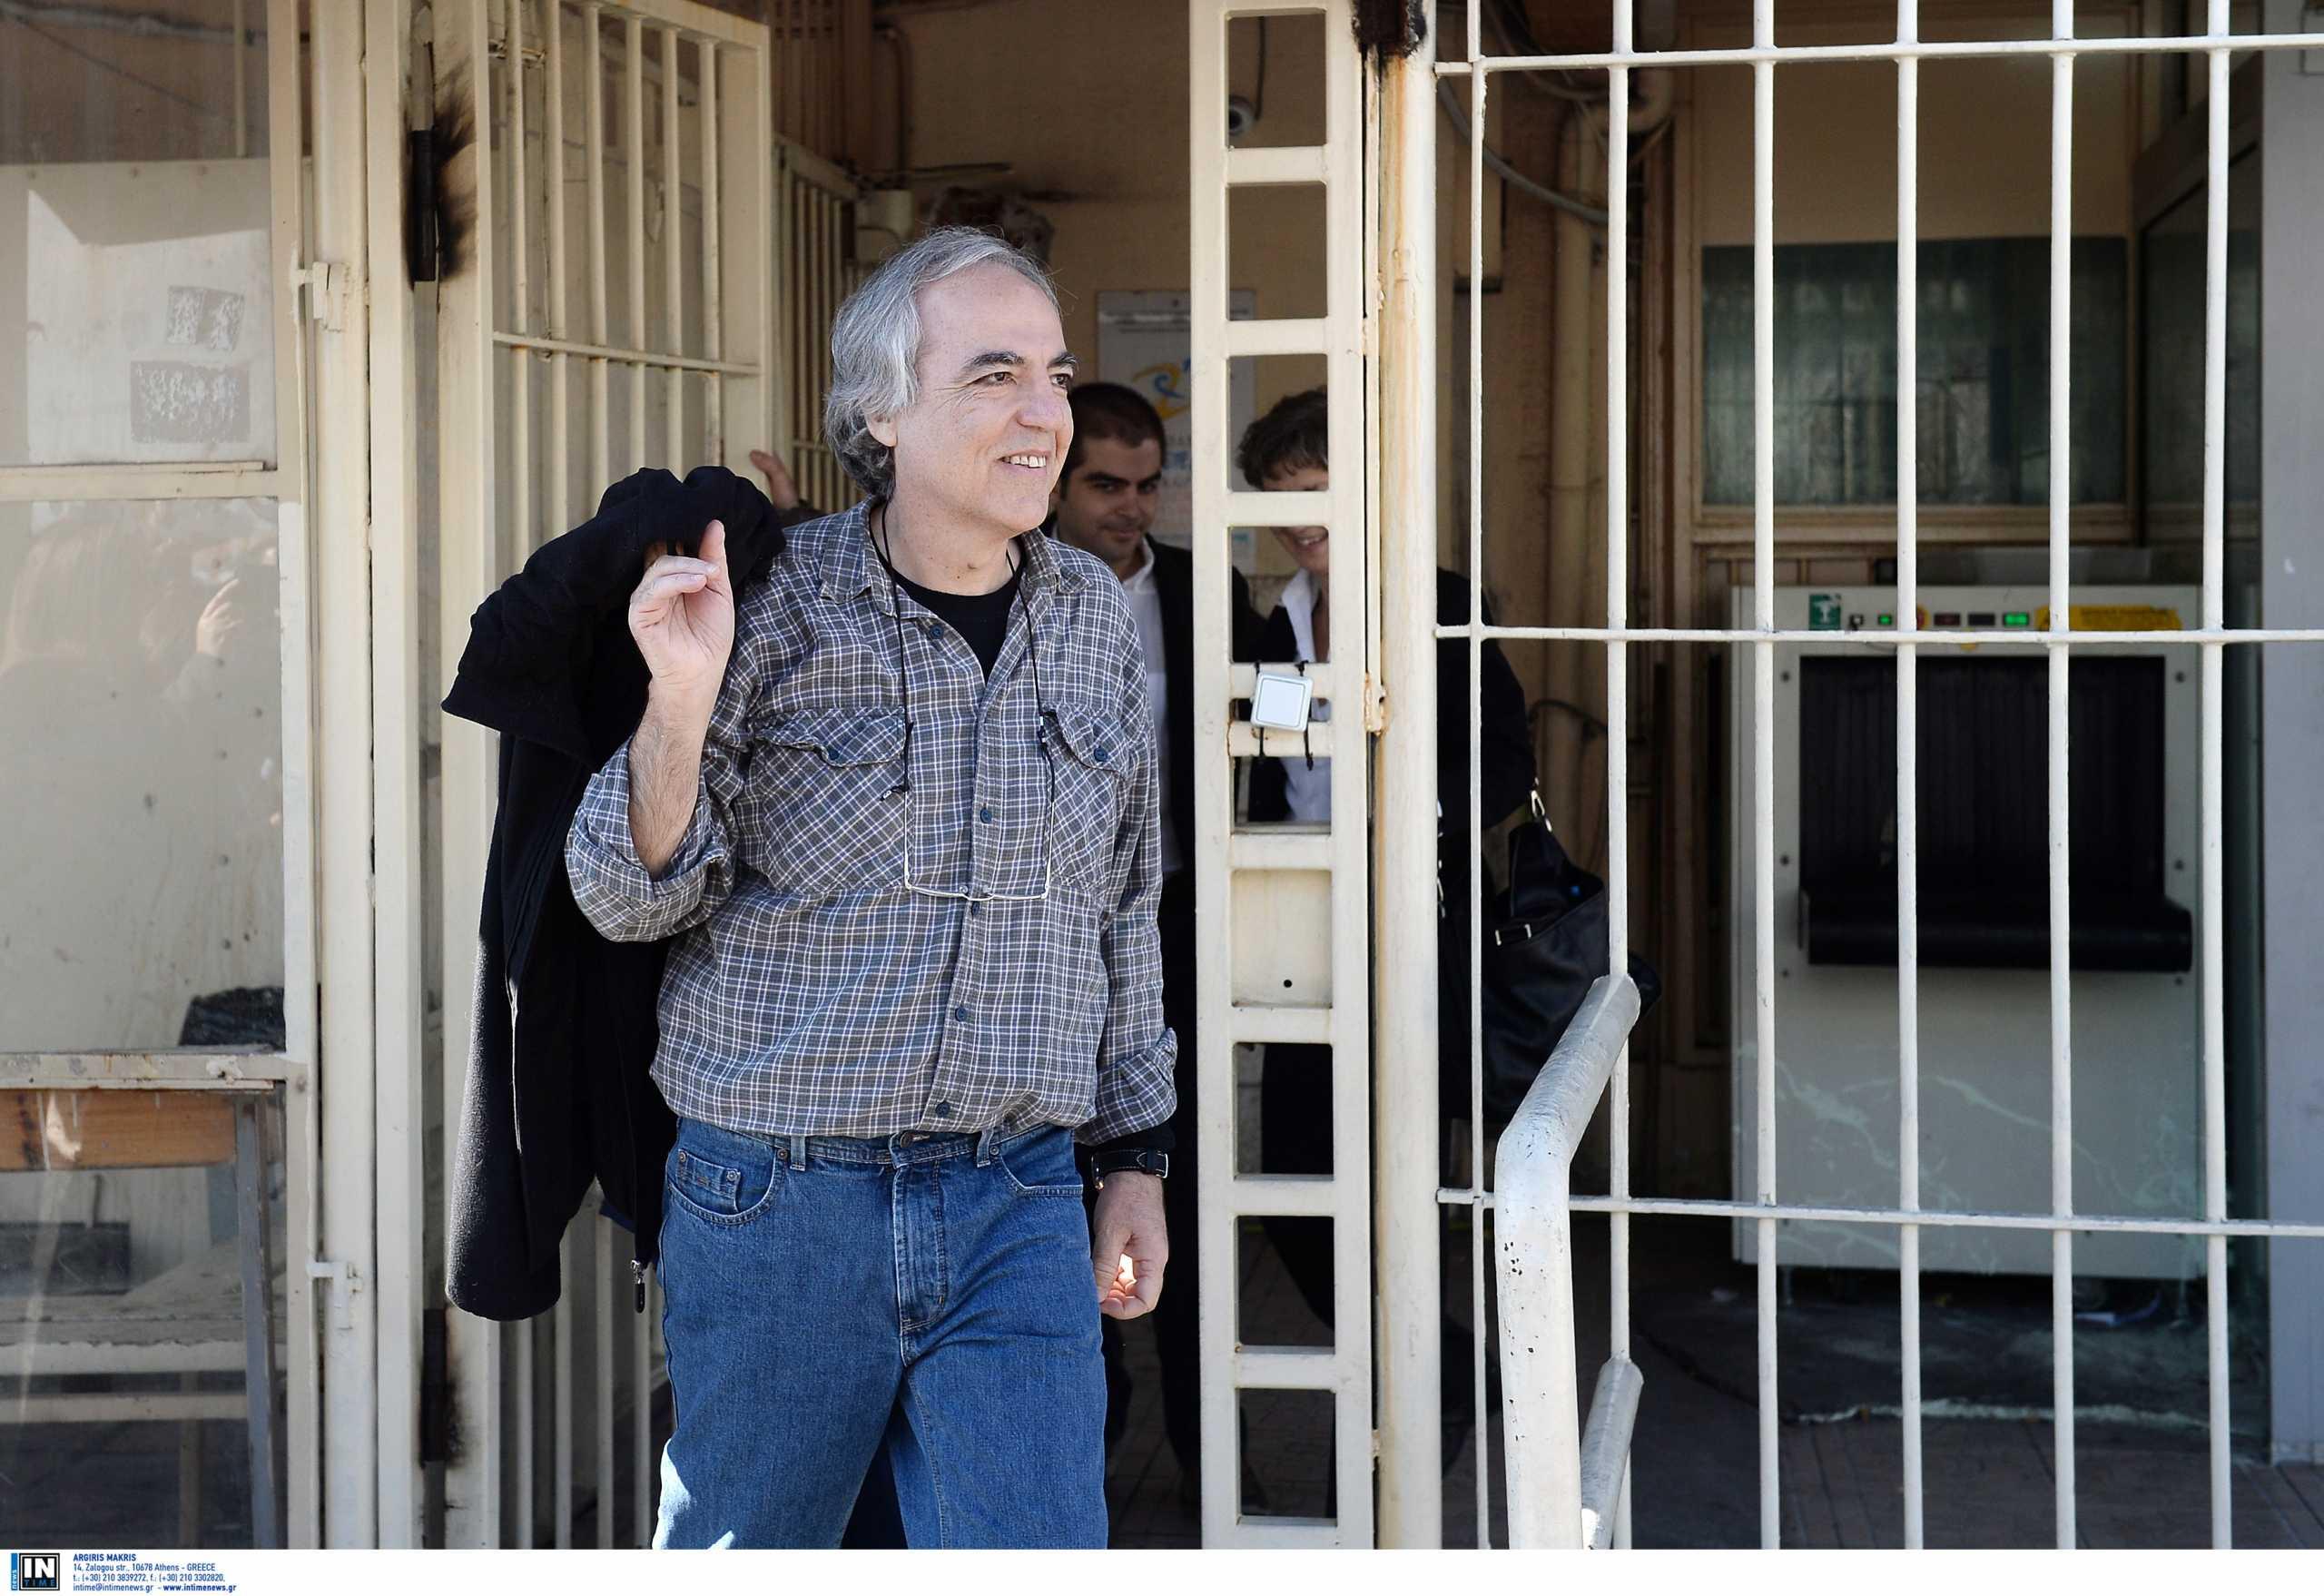 Δημήτρης Κουφοντίνας: Απορρίφθηκε το αίτημα για διακοπή της έκτισης της ποινής του